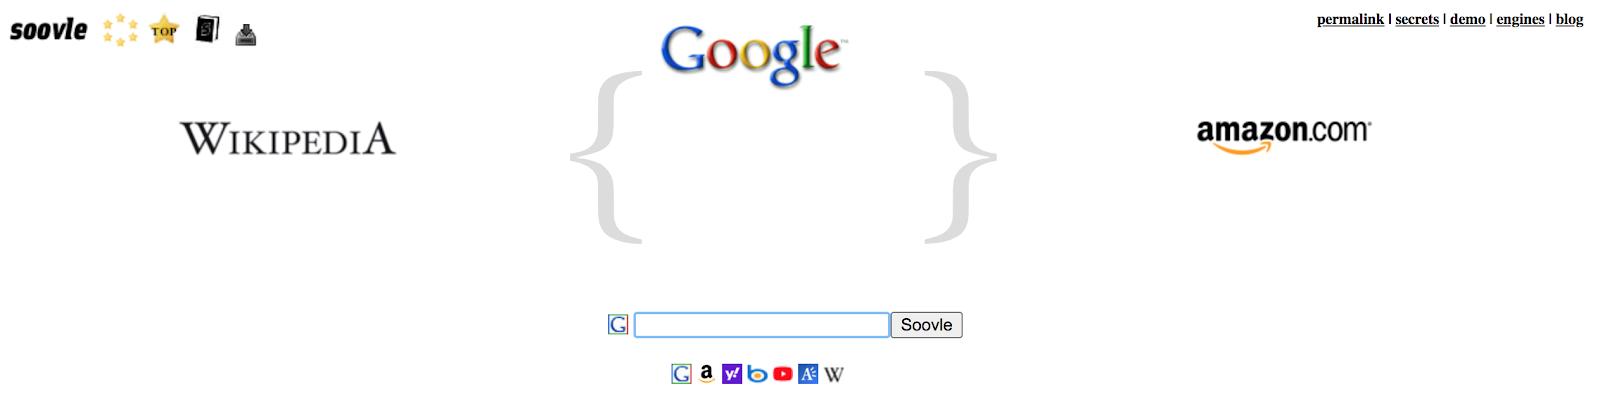 Soolve - Best Free Keyword Research Tools